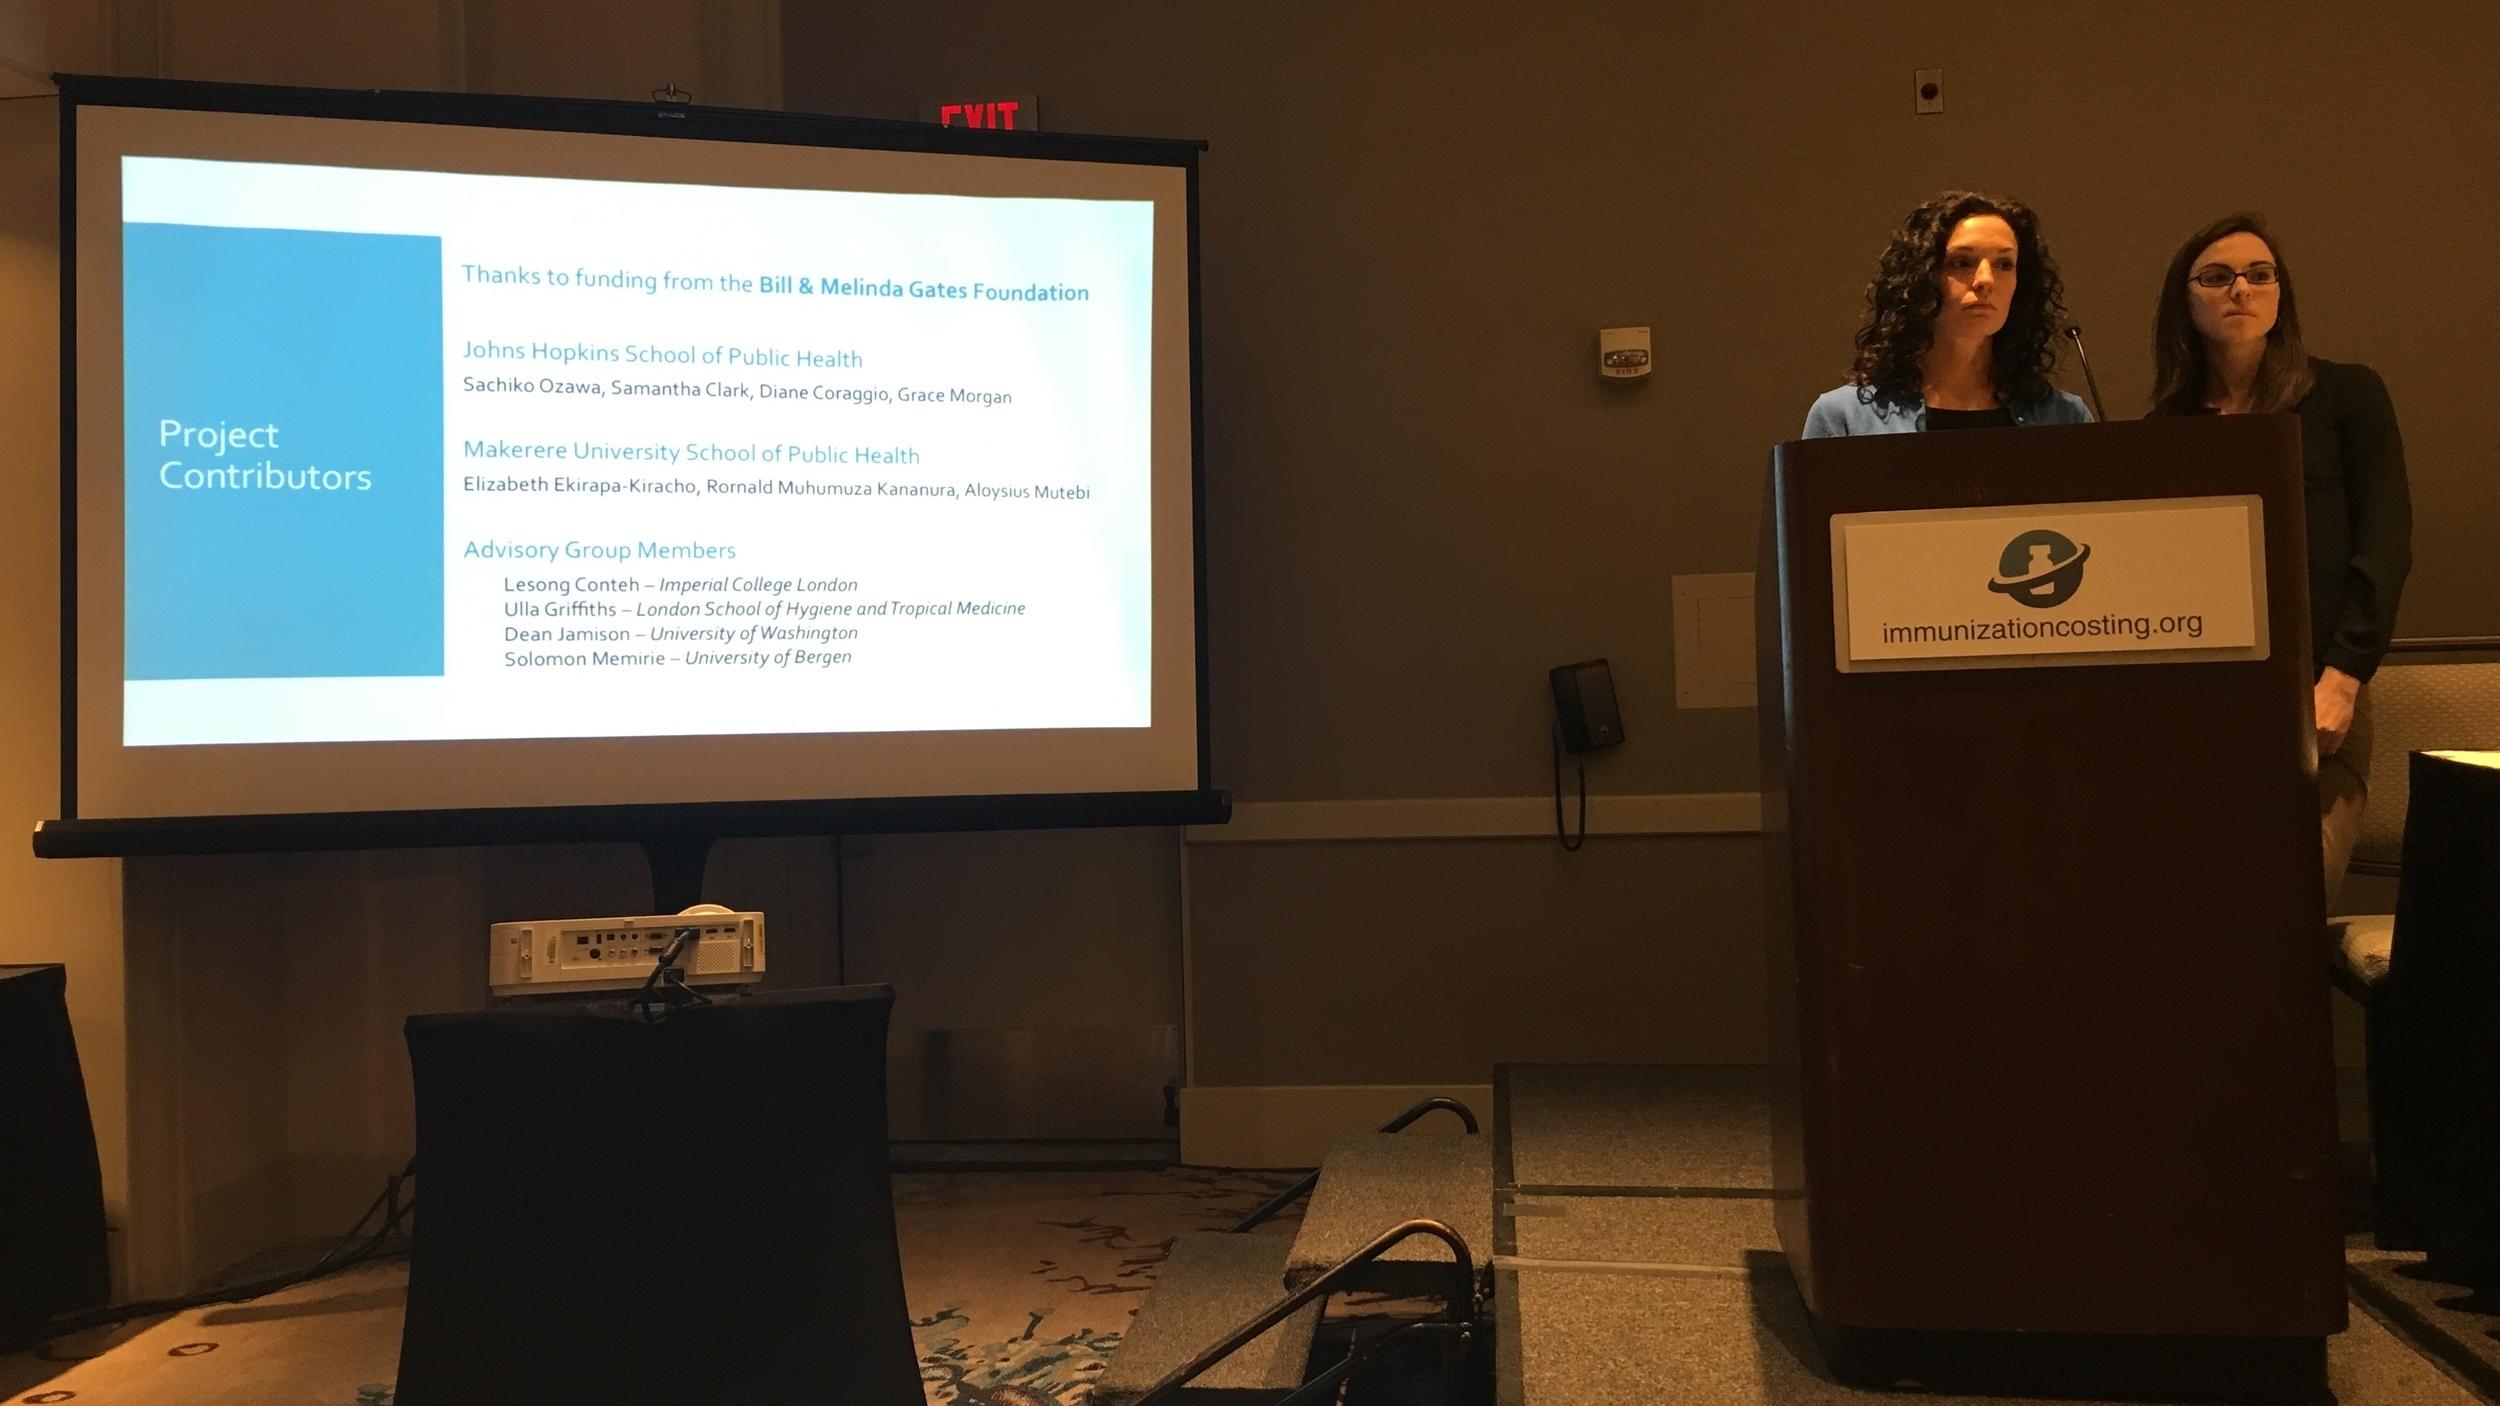 Diane Coraggio, Grace Morgan, Sachiko Ozawa (remote) - Survey tools to estimate cost of treatment and productivity loss for vaccine preventable diseases